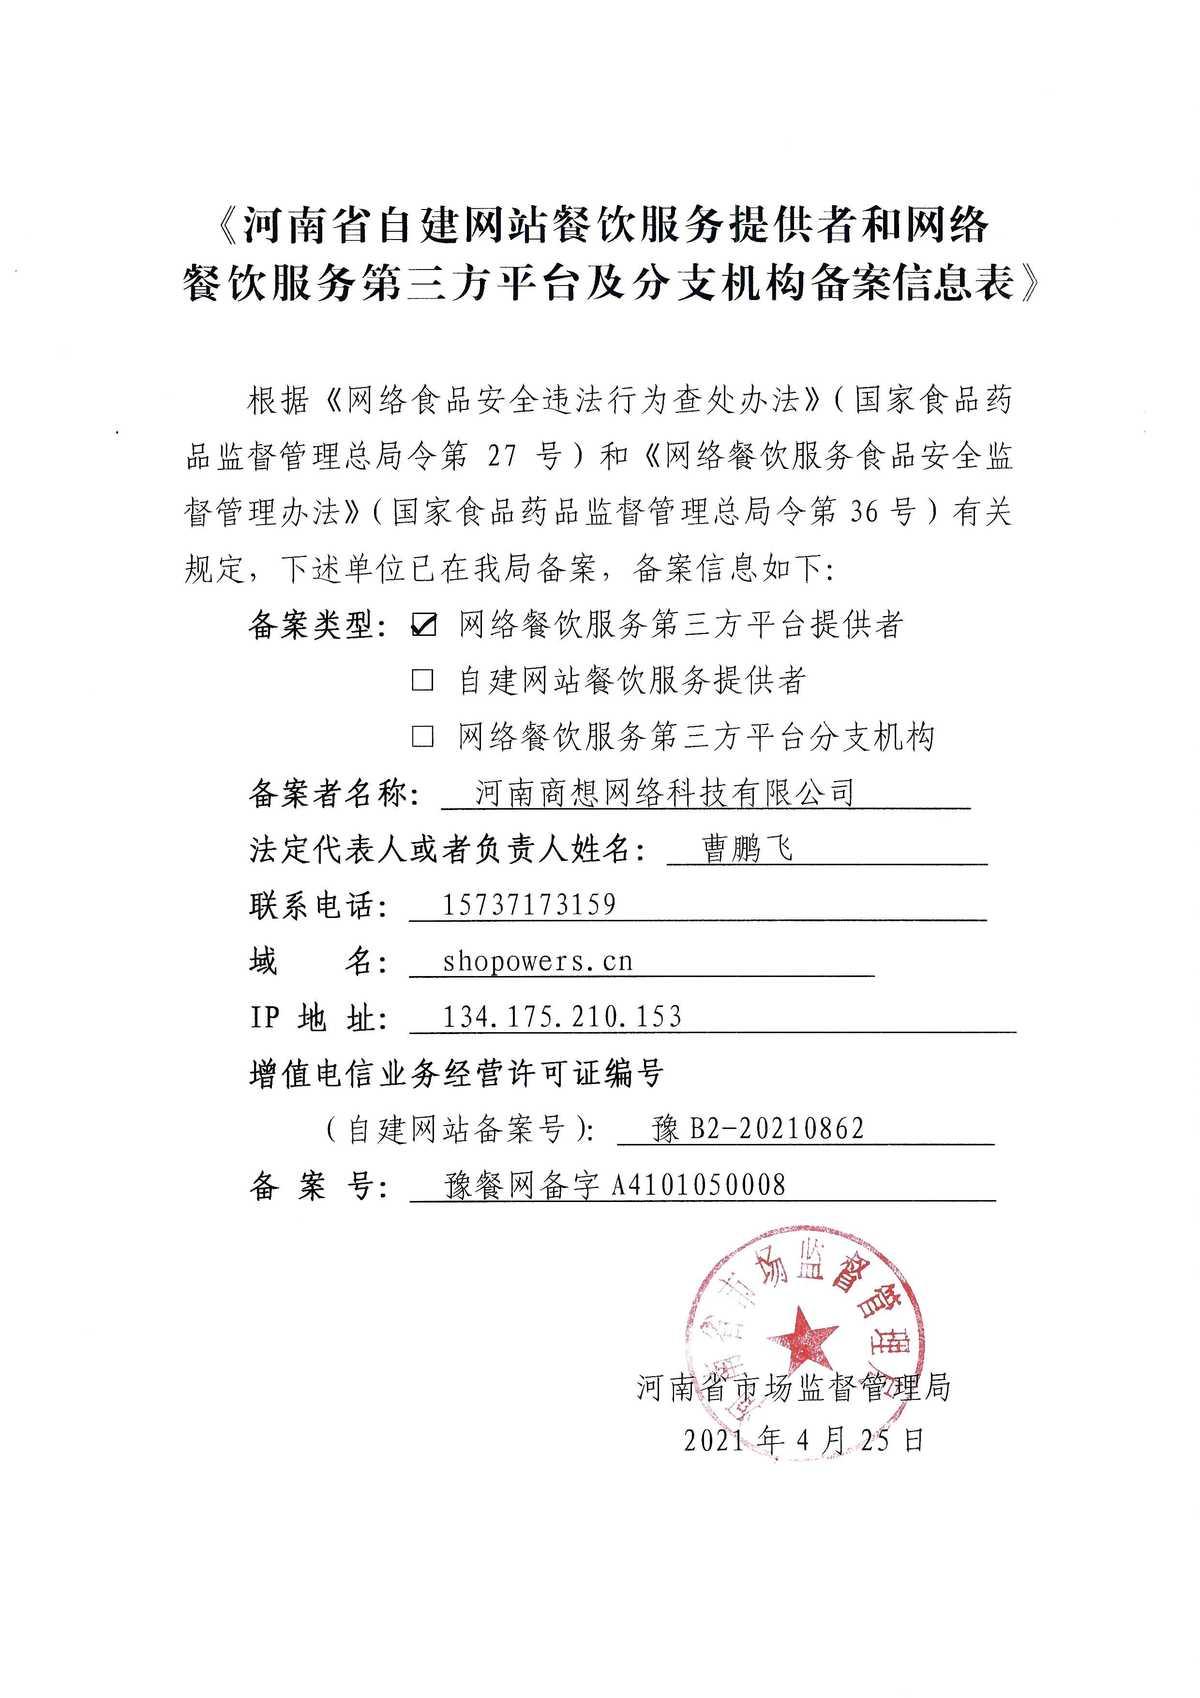 河南省自建网站餐饮服务提供者和网络餐饮服务第三方平台及分支机构备案信息表